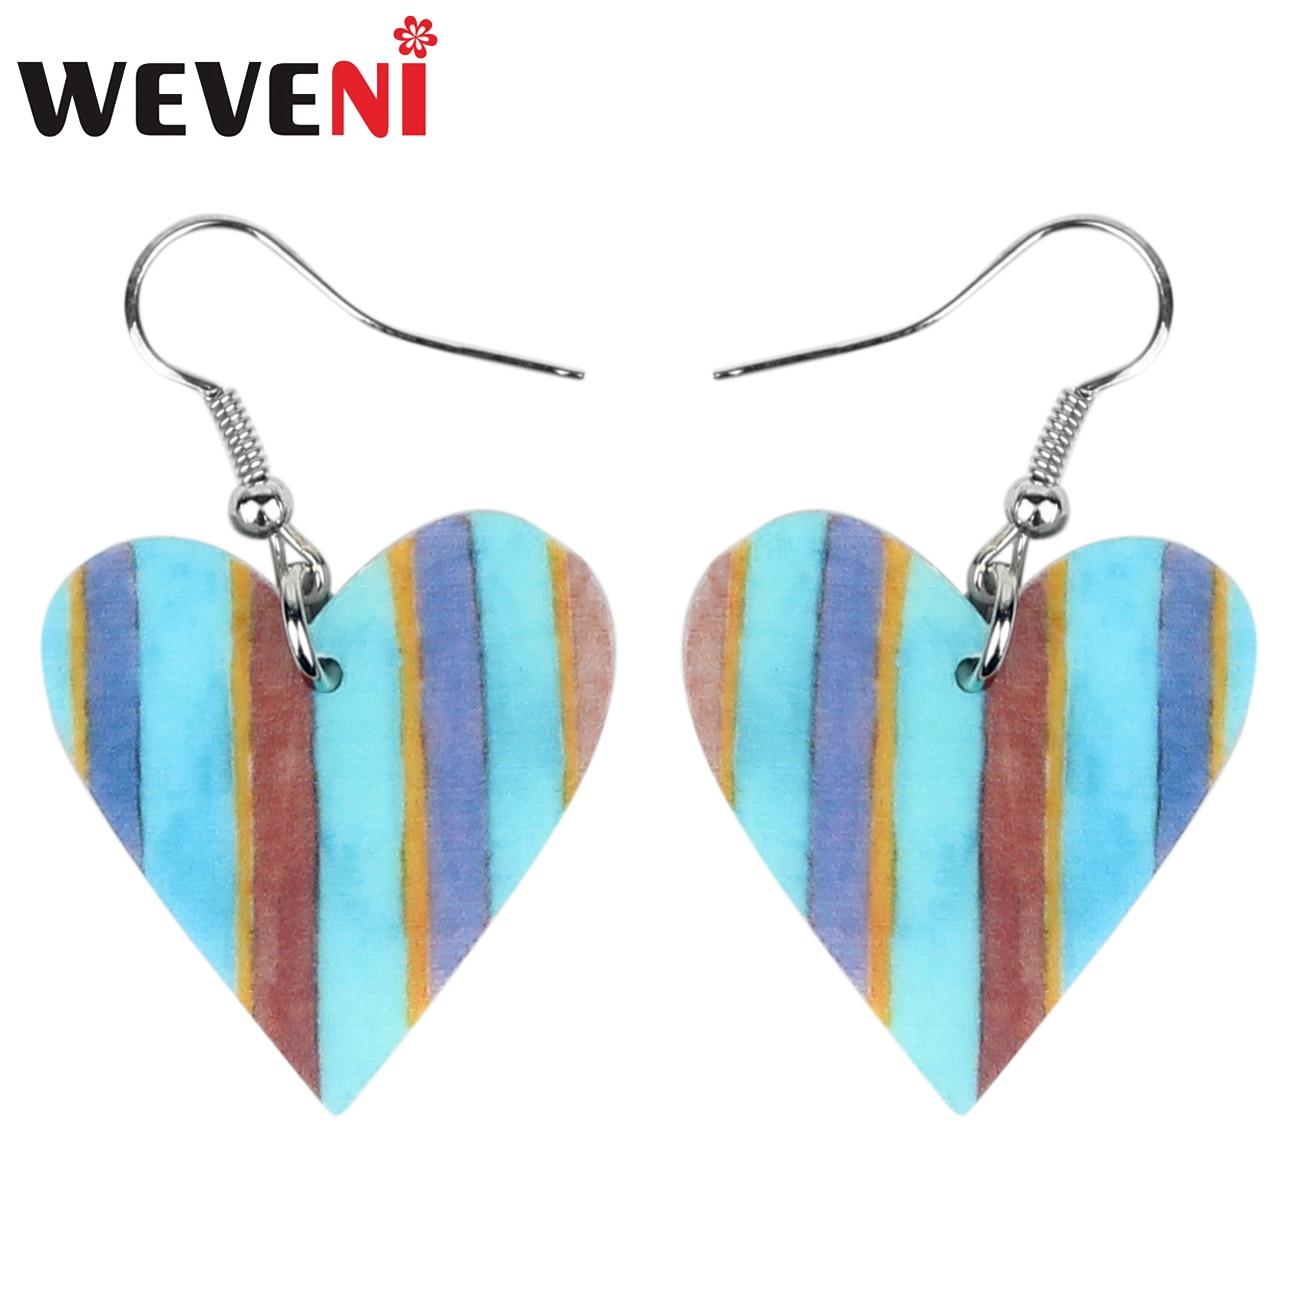 WEVENI, pendientes de Corazón Azul de acrílico para el Día de San Valentín, joyería de amor dulce para mujeres y niñas, dijes de regalo, Brincos al por mayor